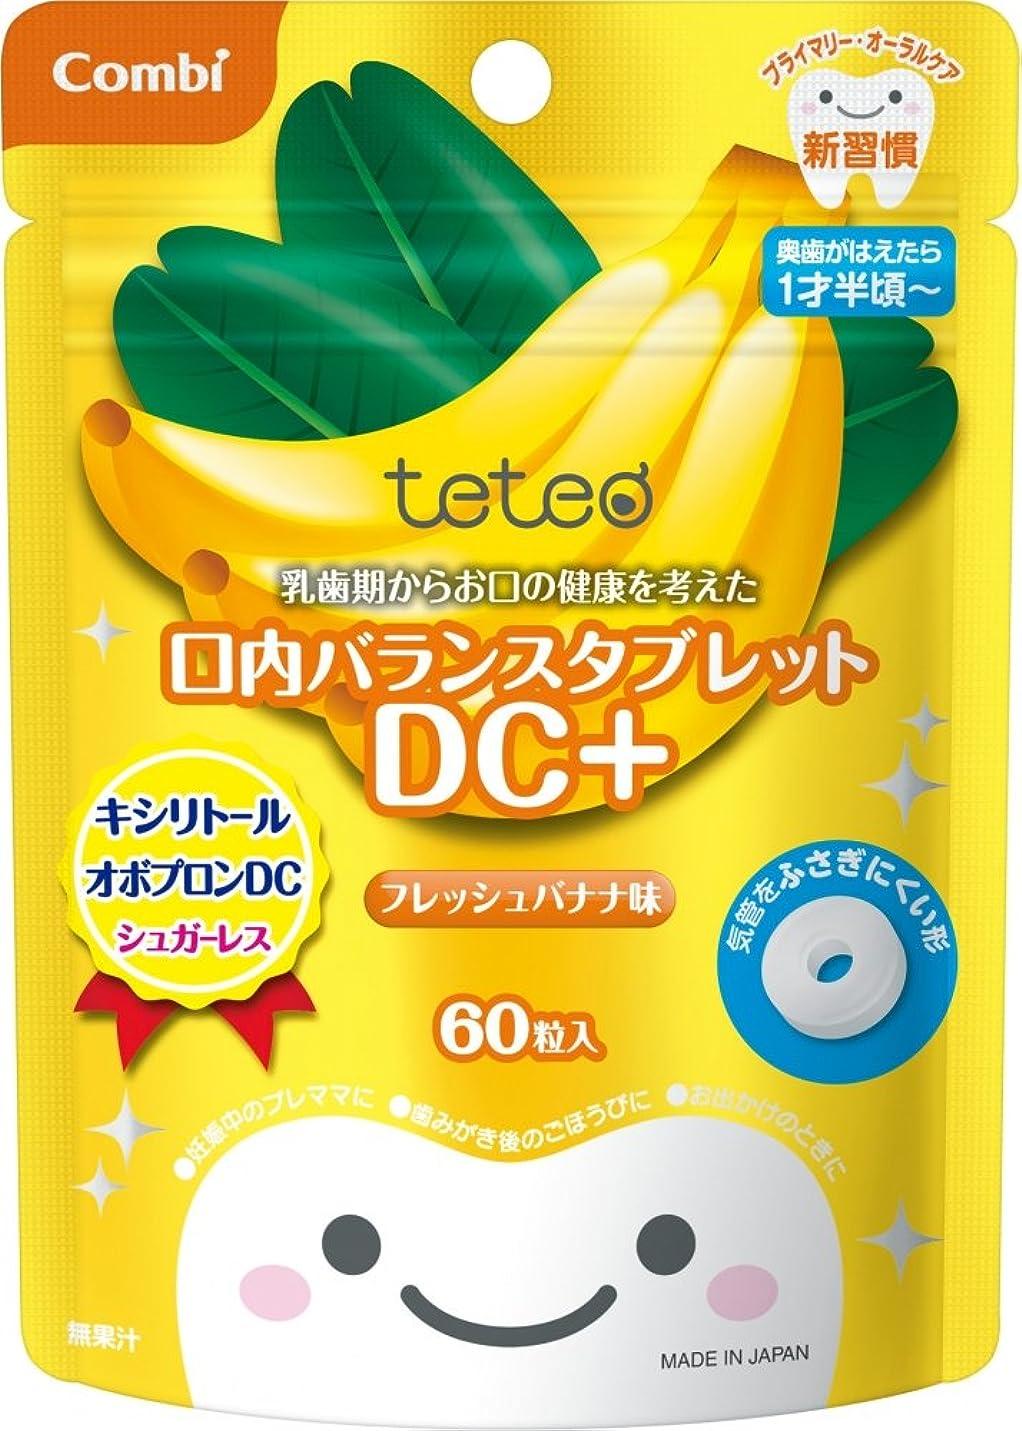 重大日食カウントコンビ テテオ 乳歯期からお口の健康を考えた口内バランスタブレット DC+ フレッシュバナナ味 60粒 【対象月齢:1才半頃~】